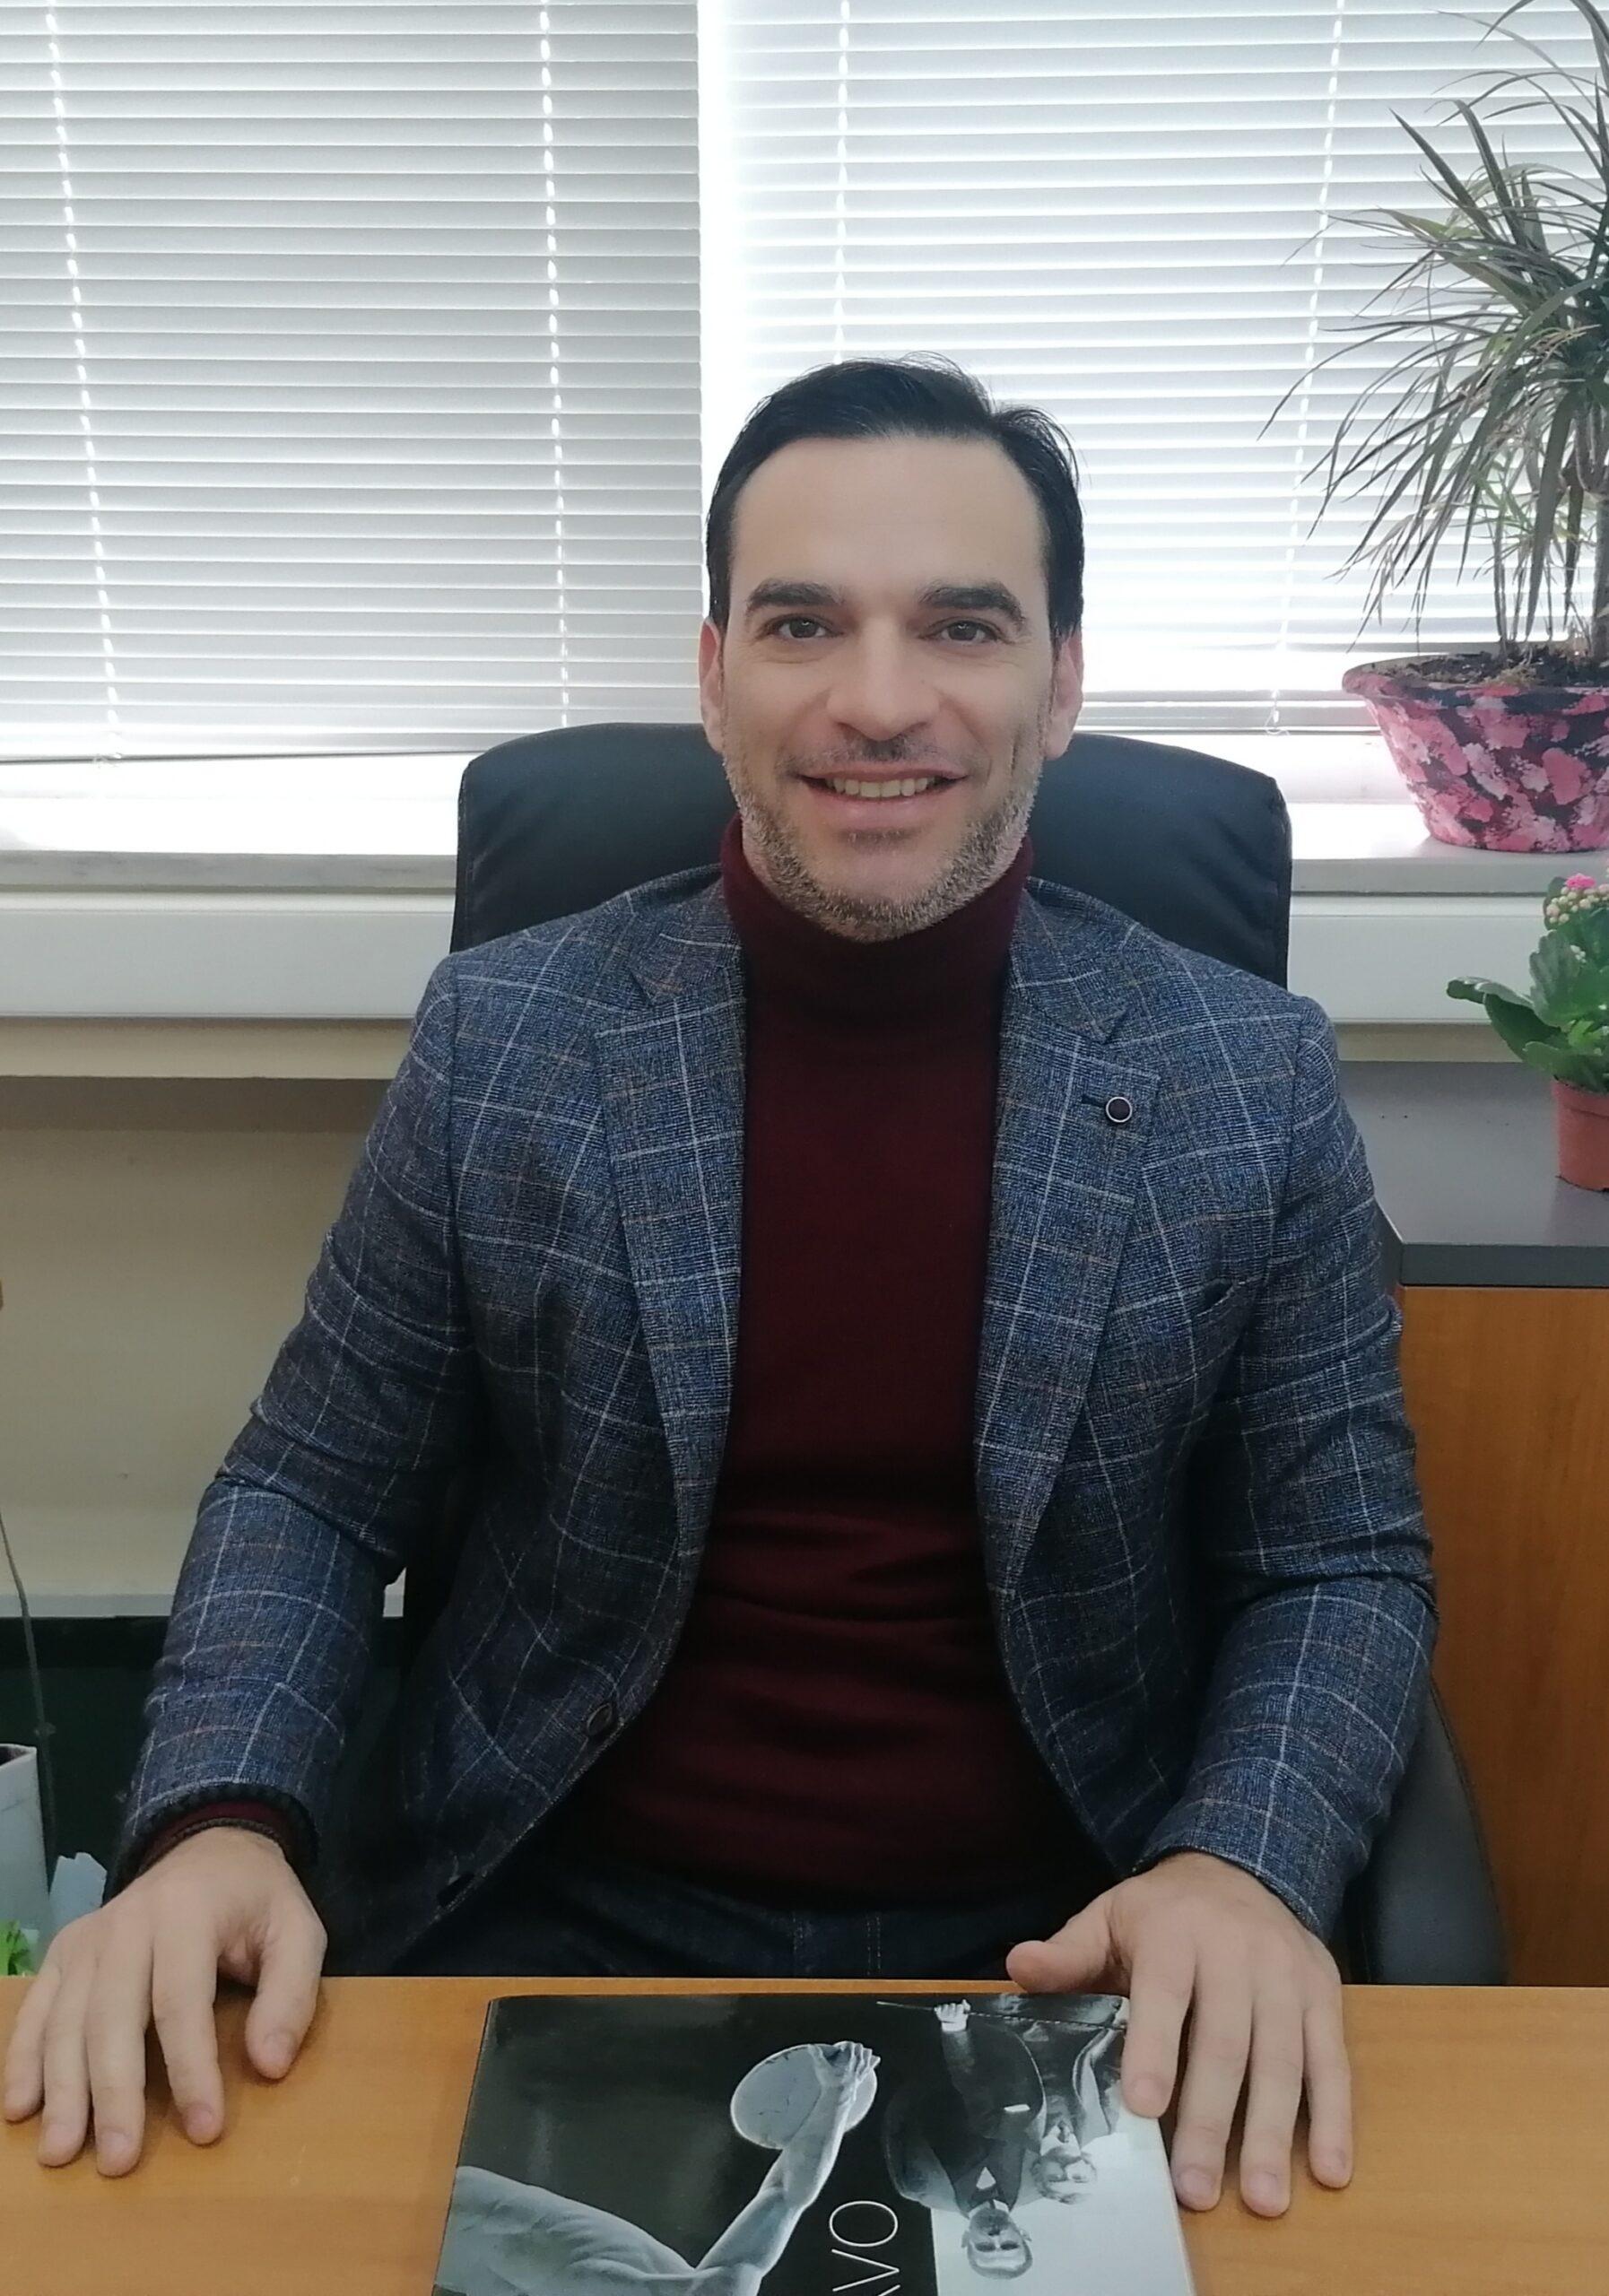 ΠΔΕ- Δημήτρης Νικολακόπουλος: Η Περιφέρεια με περισσότερες παρεμβάσεις- Κοντά στους αθλητές της Παραολυμπιάδας!